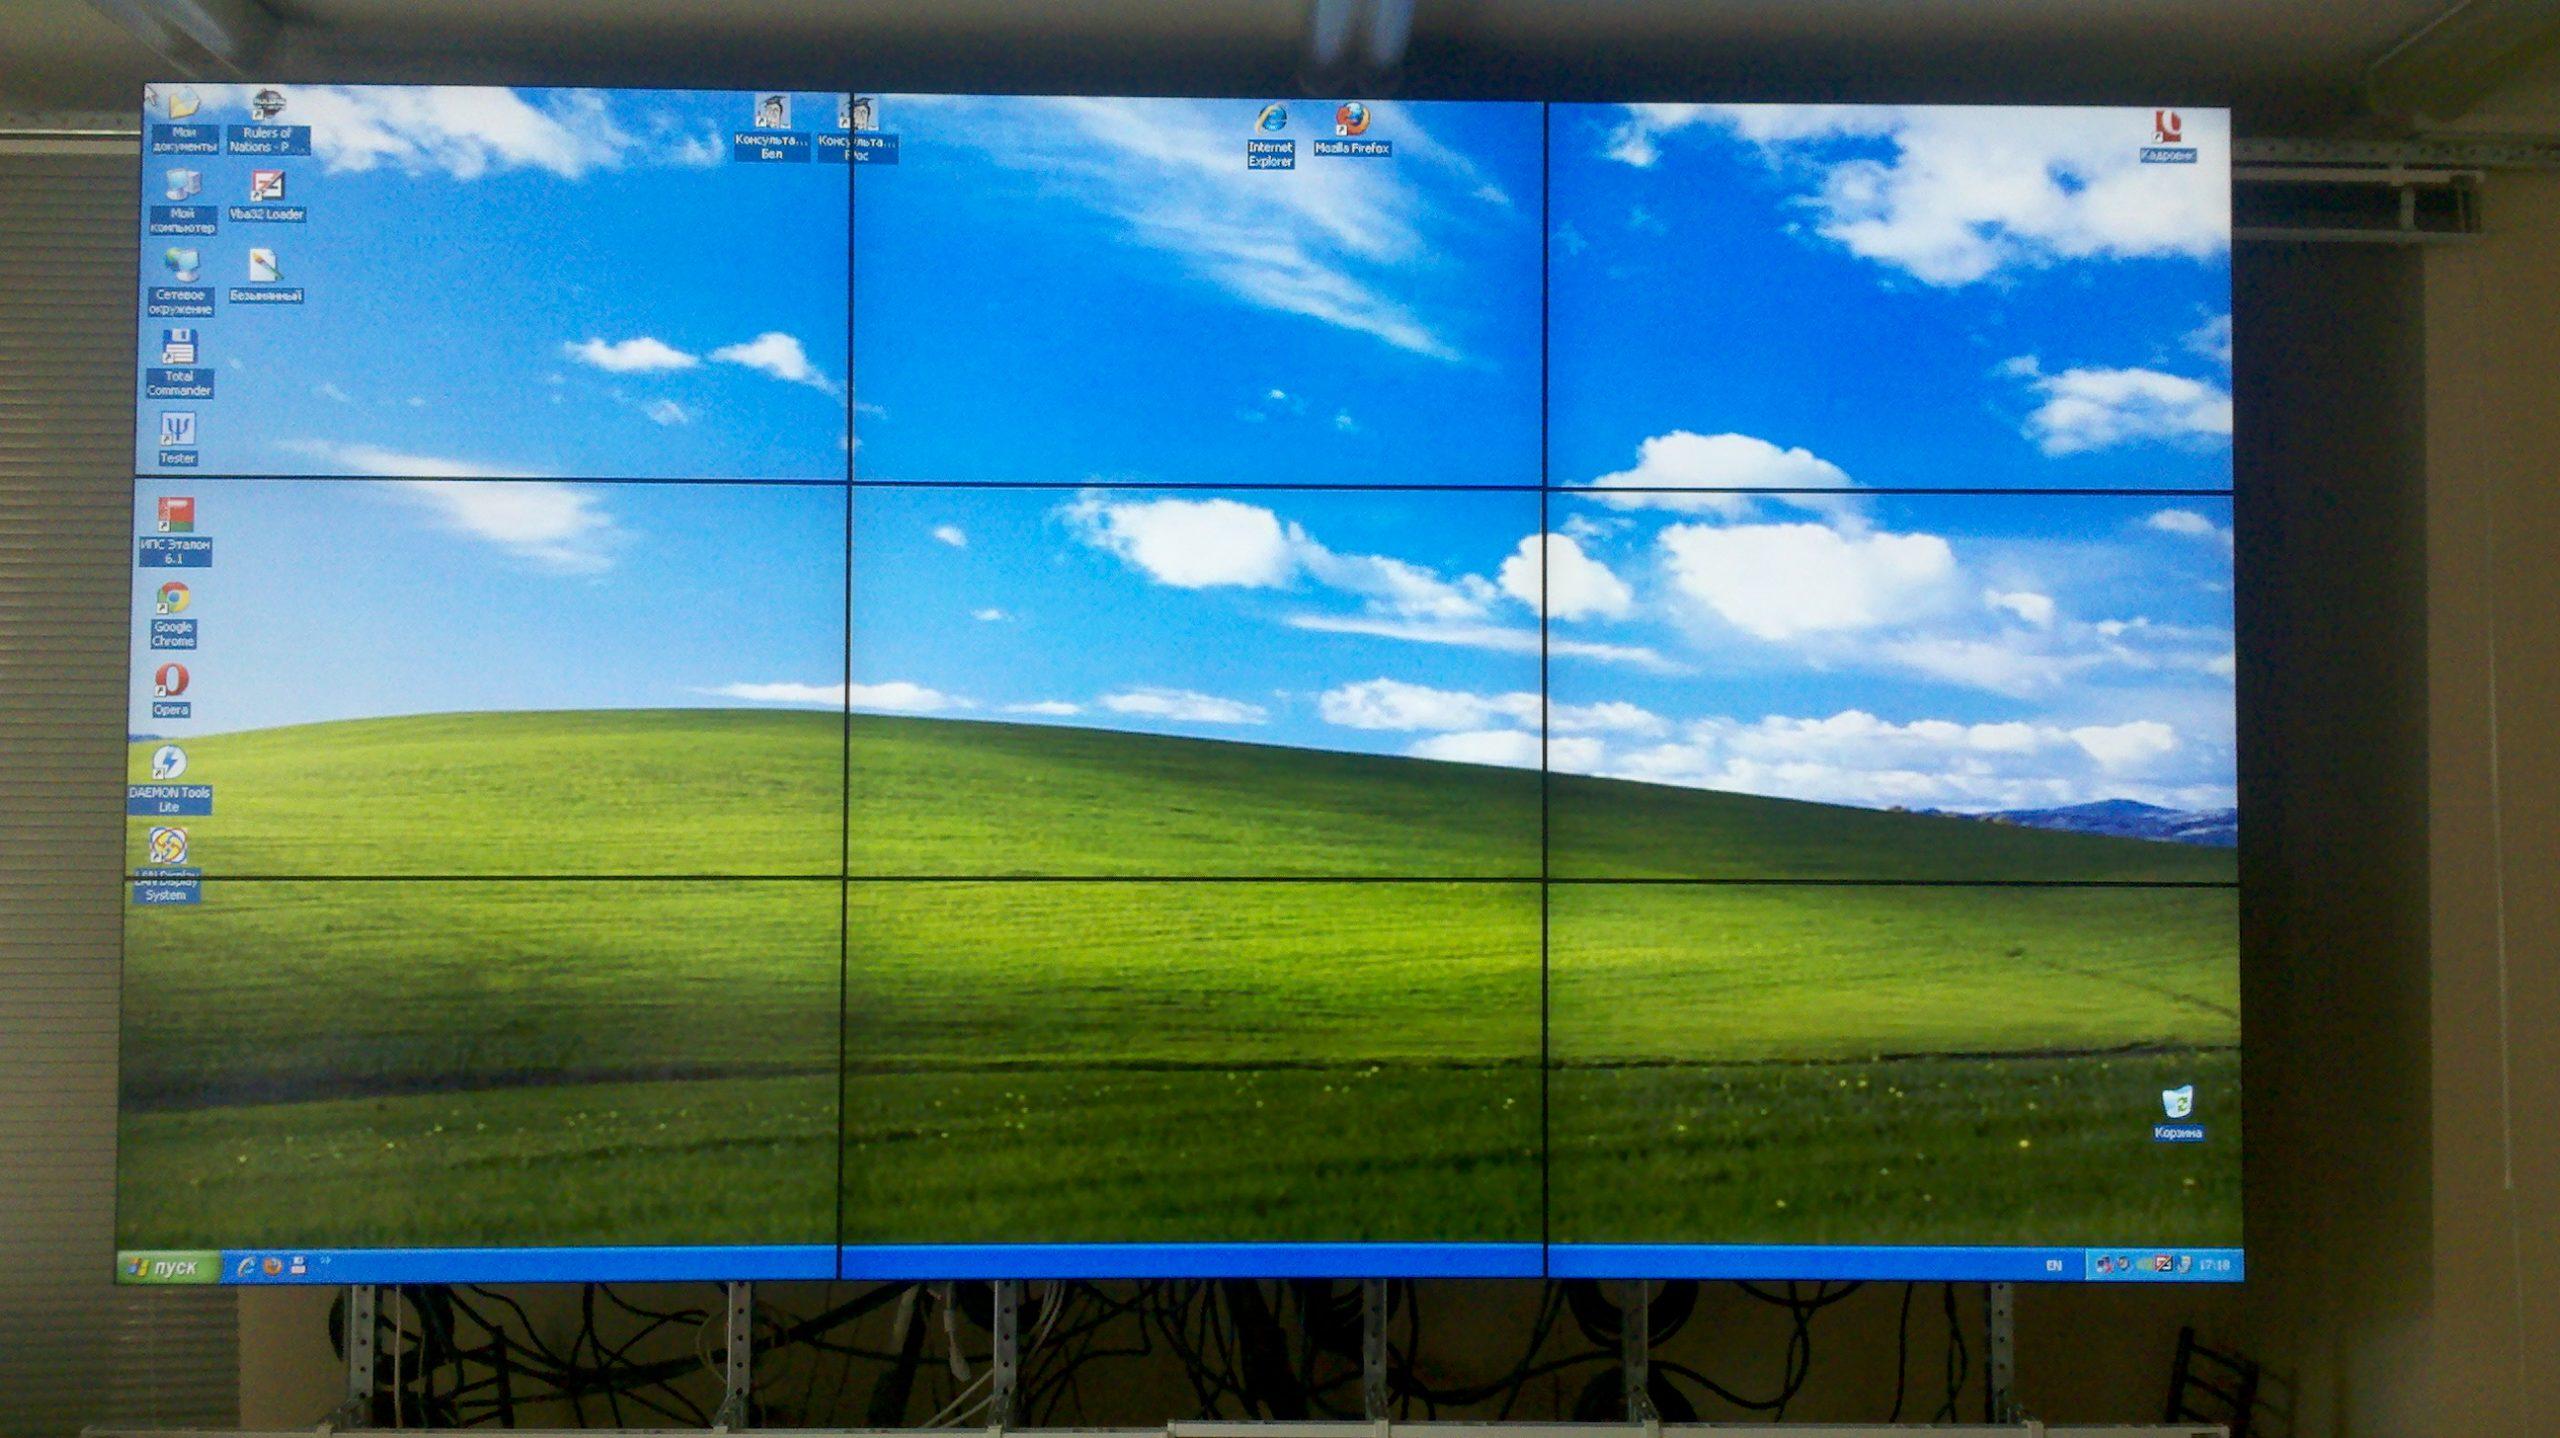 Инсталяция видеосистемы Nec